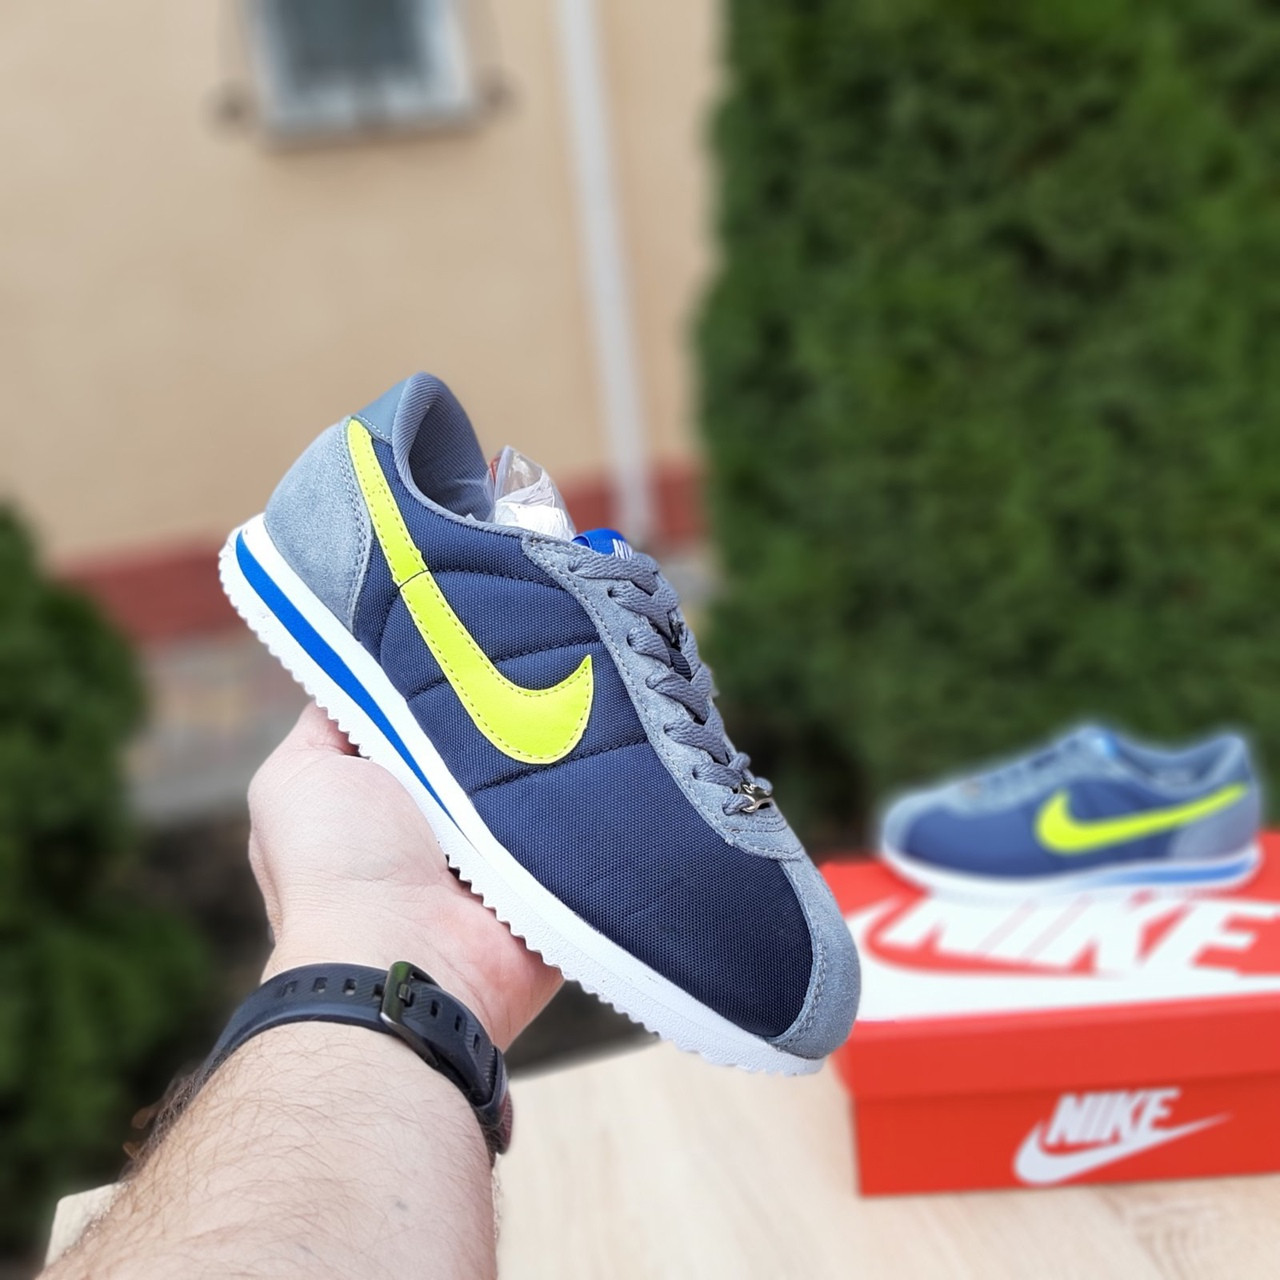 Nike Cortez кросівки розпродаж АКЦІЯ останні розміри 550 грн 37р , люкс копія